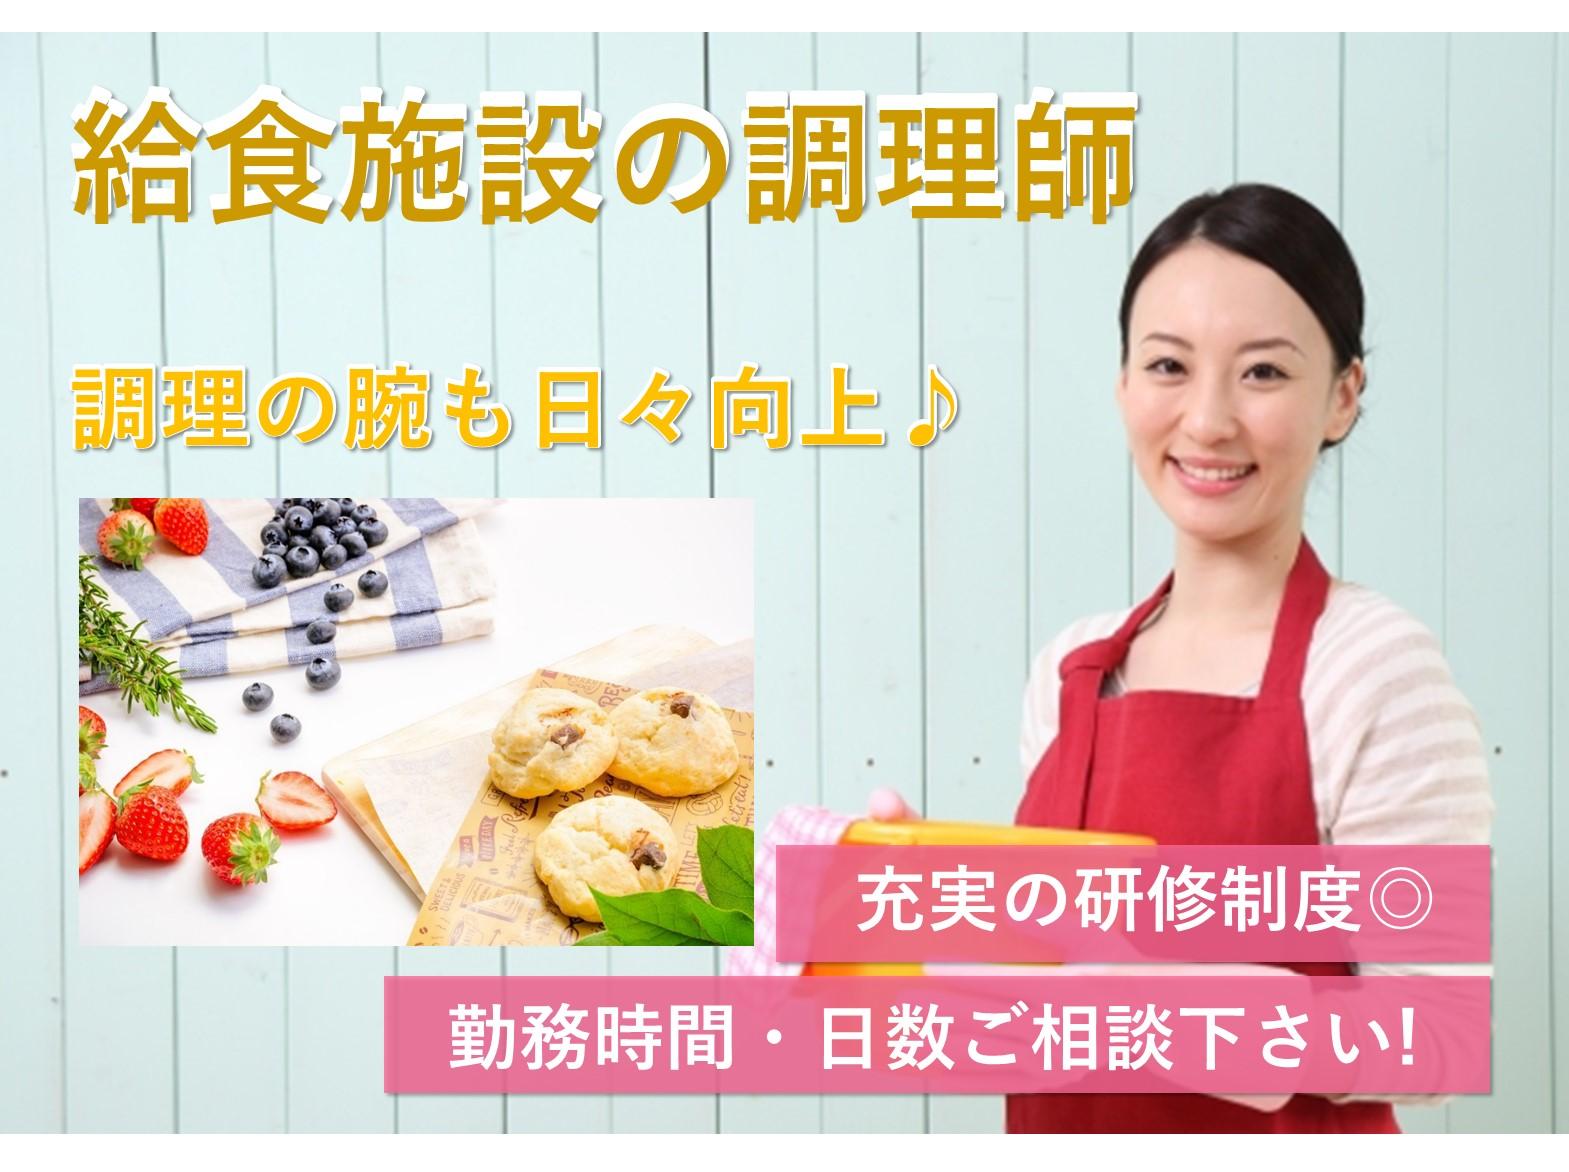 【パート】調理の腕も日々向上♪研修制度も充実◎給食施設の調理師 イメージ